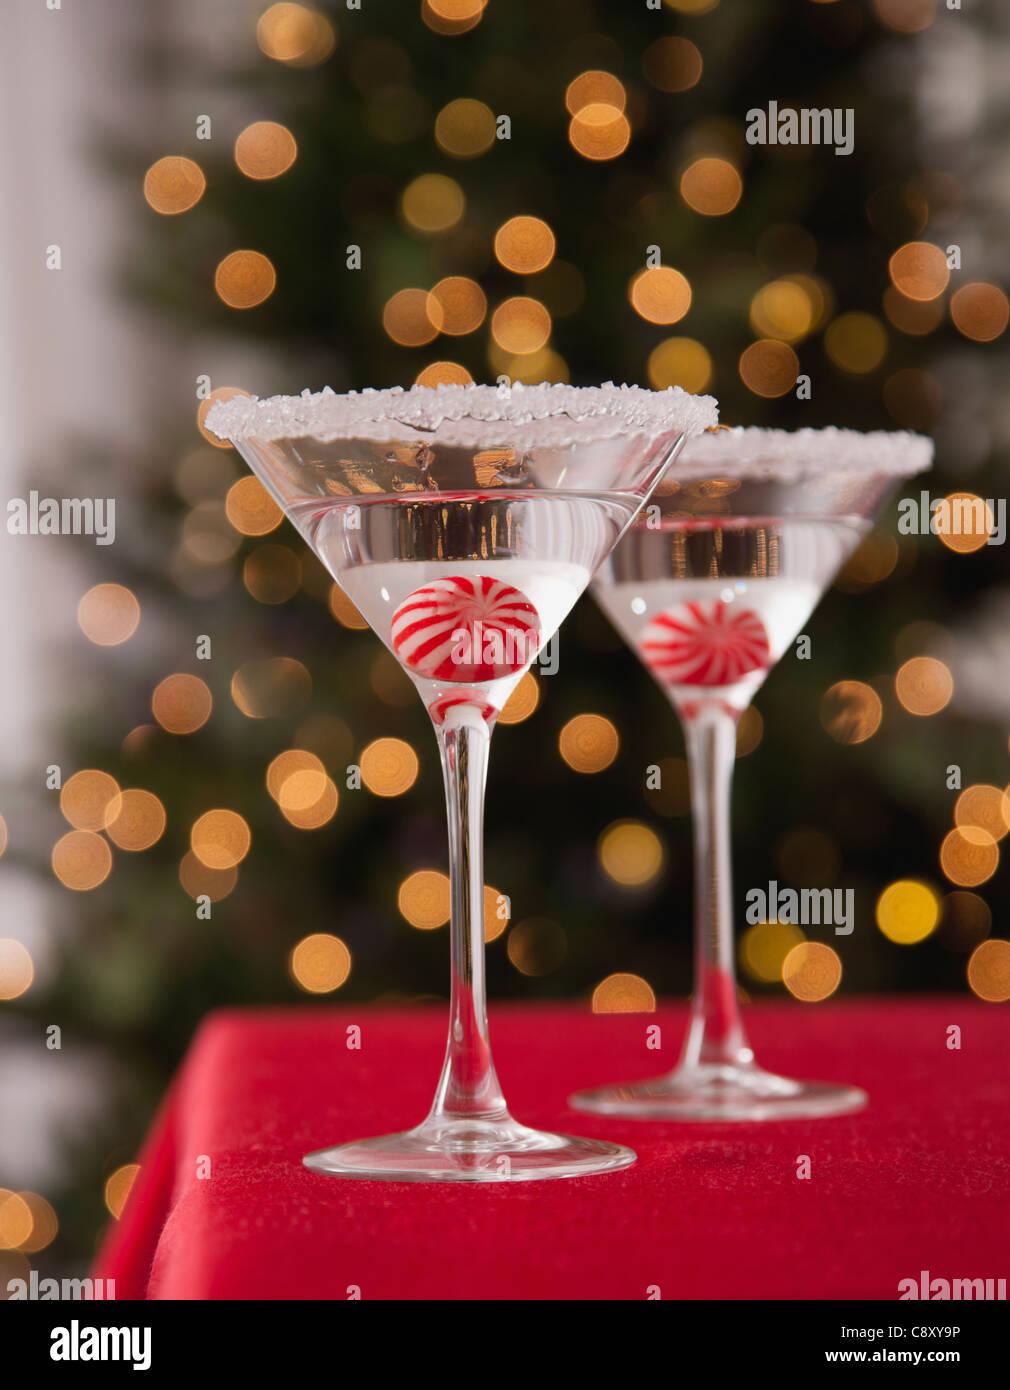 Estados Unidos, Illinois, Metamora, copas de martini con caramelos dentro contra iluminado árbol de Navidad Imagen De Stock